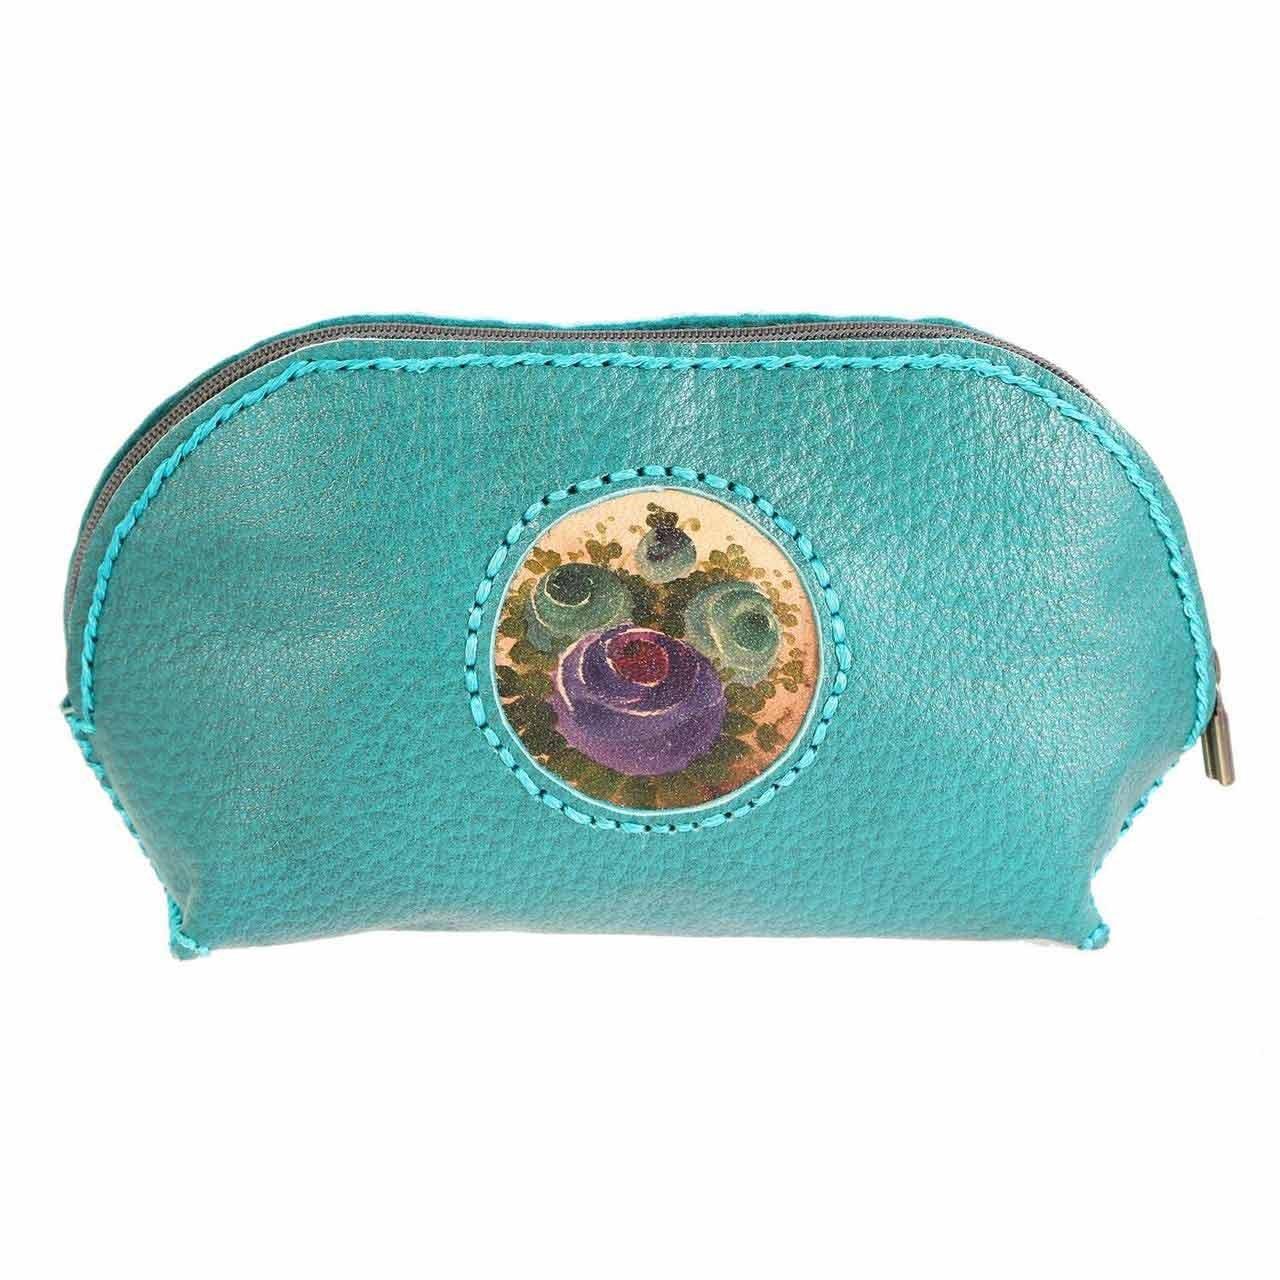 کیف چرمی دستدوز دیبا کد 178010 آرایشی